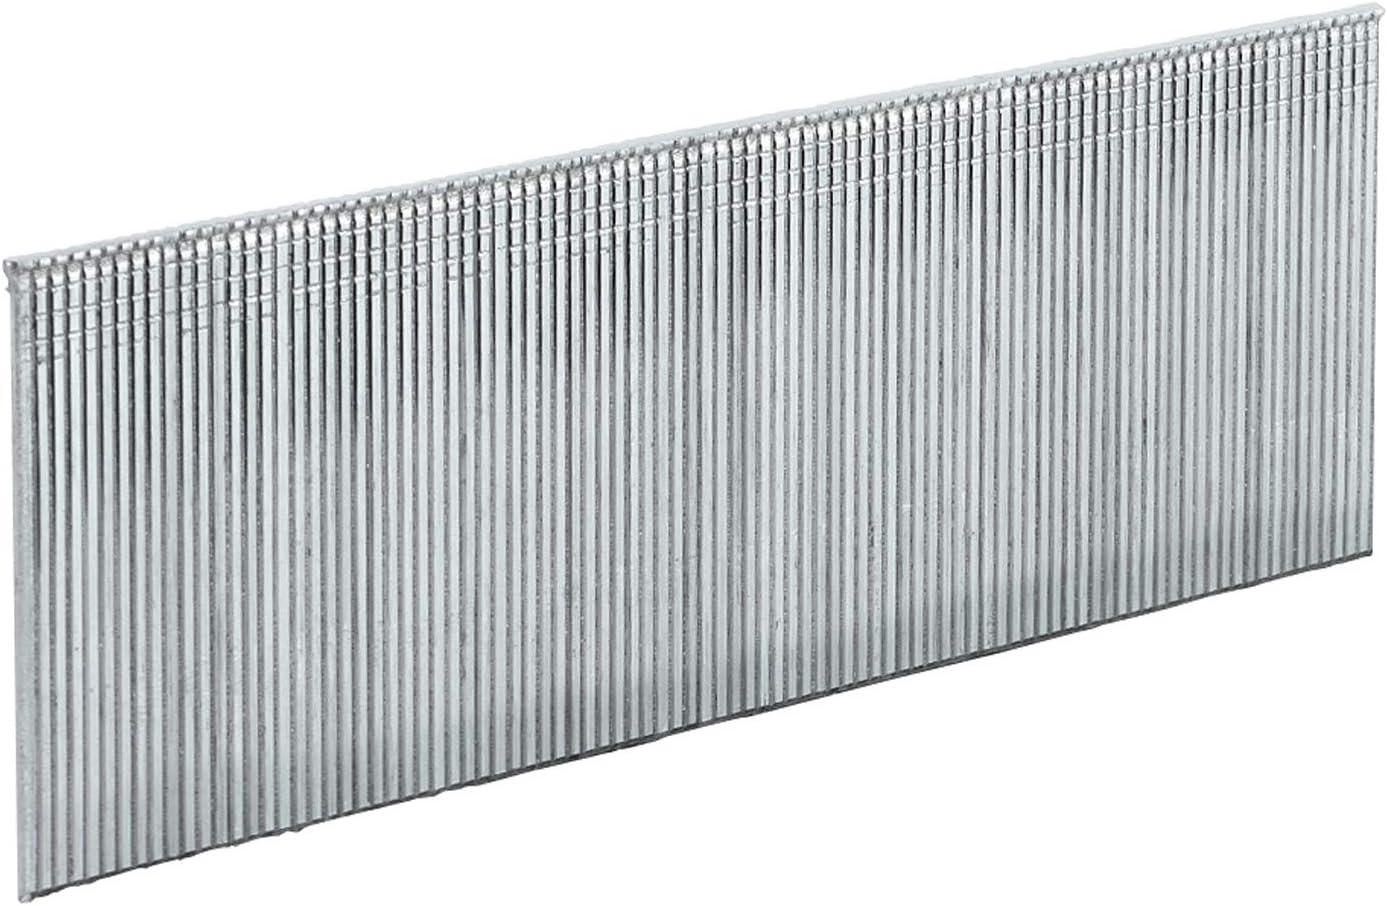 Einhell - Set clavos para grapadora de aire a presión DTA 25 (40 mm, 3000 piezas)